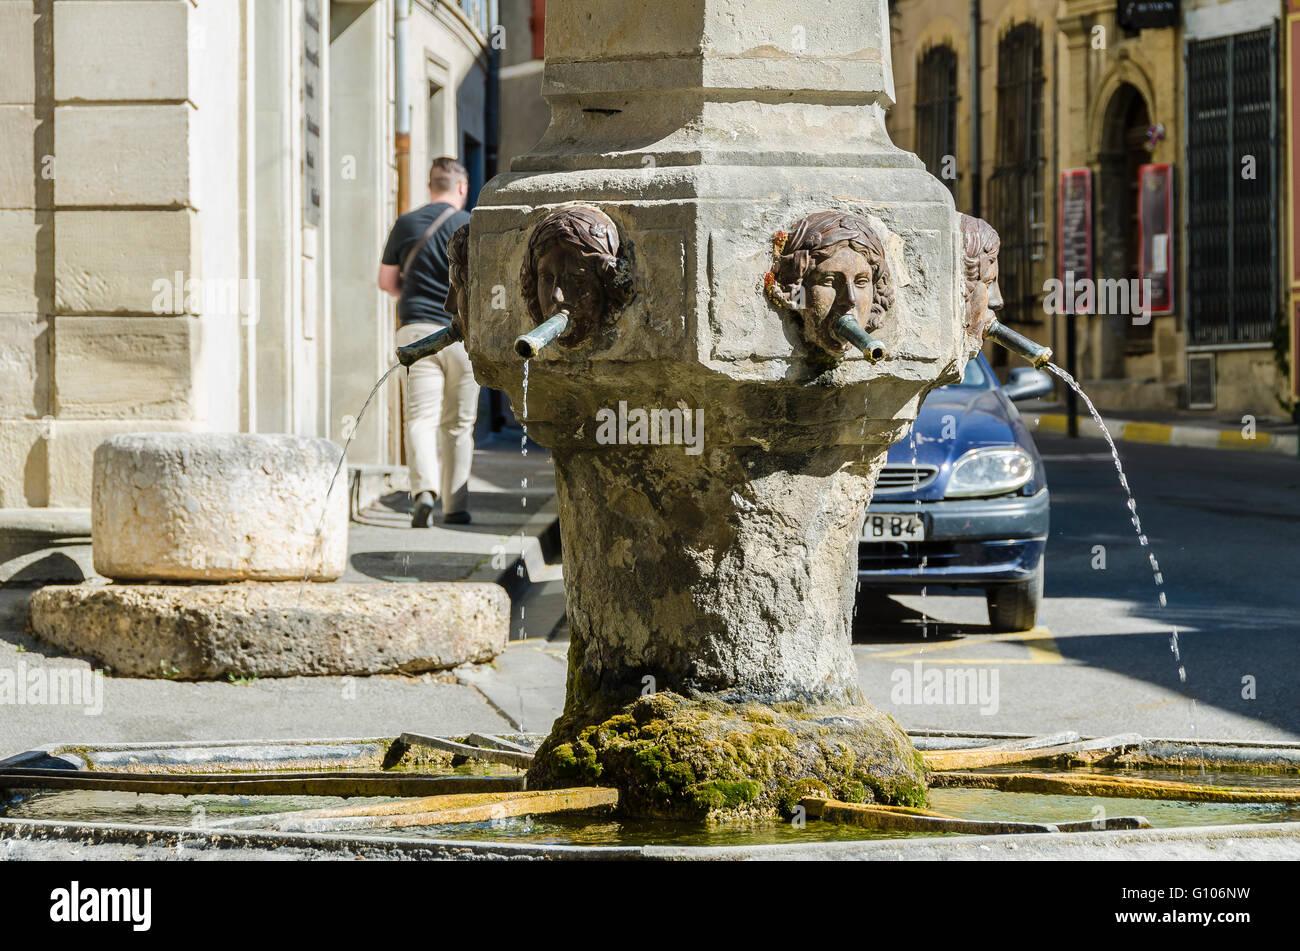 Fontaine de l'Obelisque, Cucuron, Vaucluse, Luberon, France - Stock Image